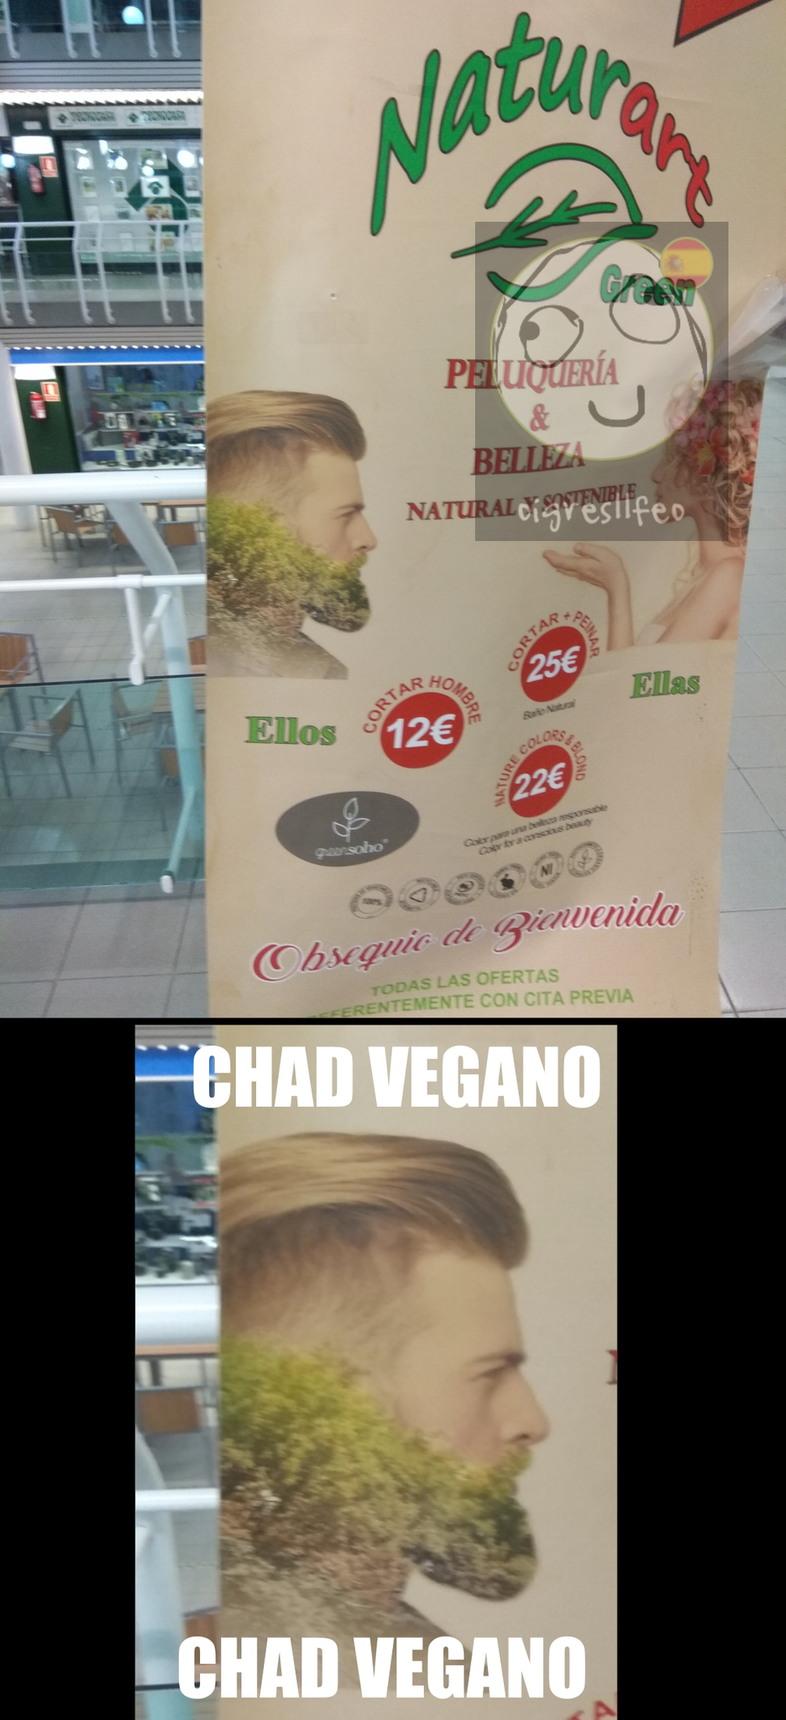 Chad vegano - meme